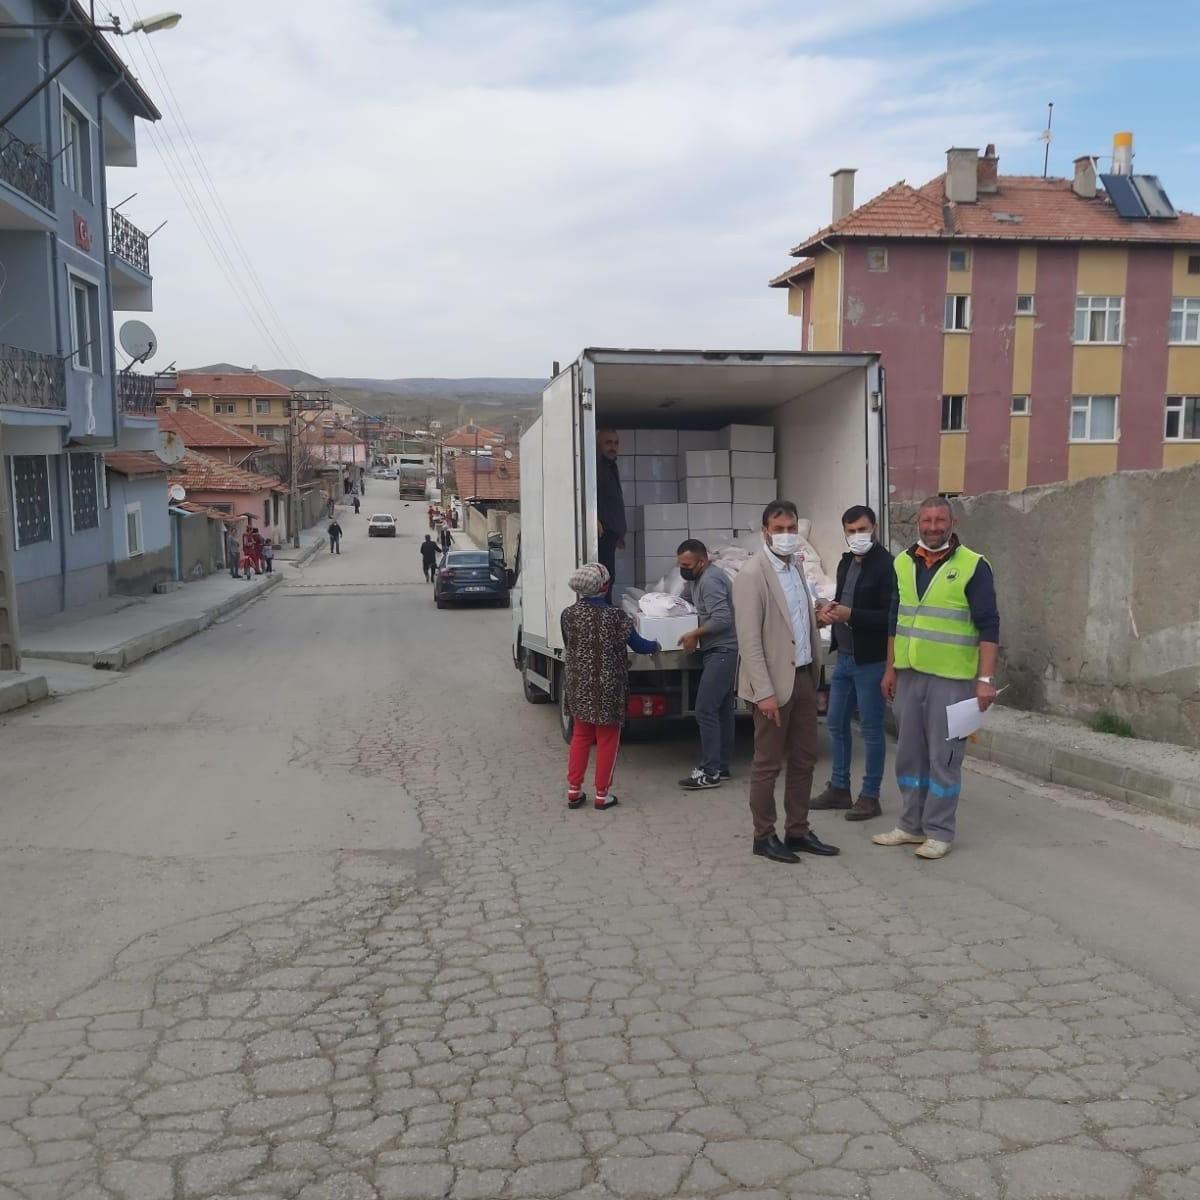 Sungurlu Belediyesi Yardım kolileri ihtiyaç sahiplerine ulaştırılıyor